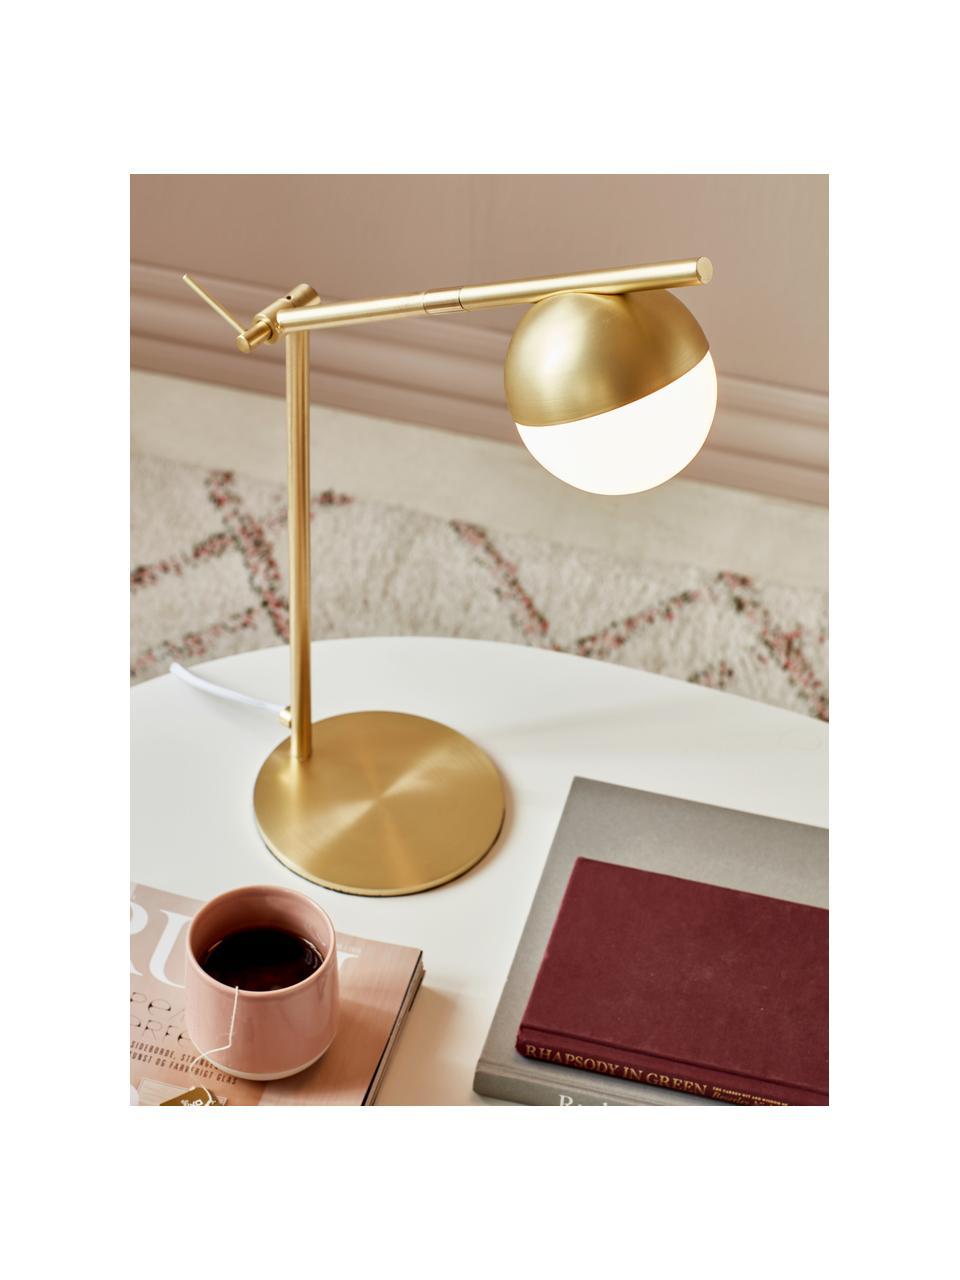 Schreibtischlampe Contina mit Opalglas, Lampenschirm: Opalglas, Lampenfuß: Metall, beschichtet, Weiß, Gold, 15 x 49 cm